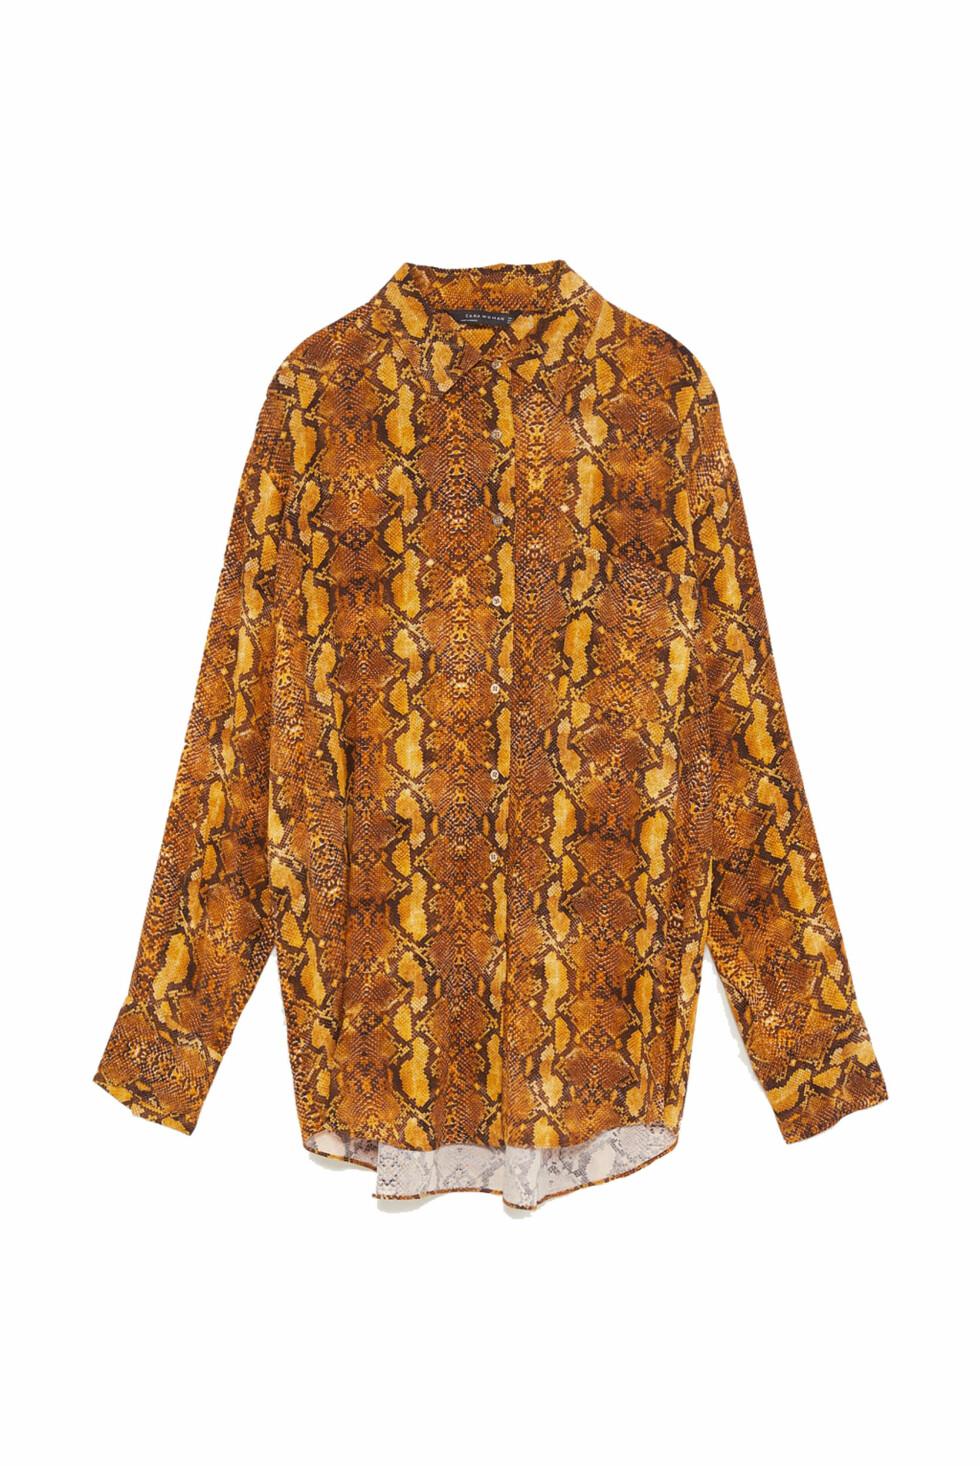 Skjorte fra Zara  549,- https://www.zara.com/no/no/skjorte-med-slangem%C3%B8nster-p08091710.html?v1=7118654&v2=1074635